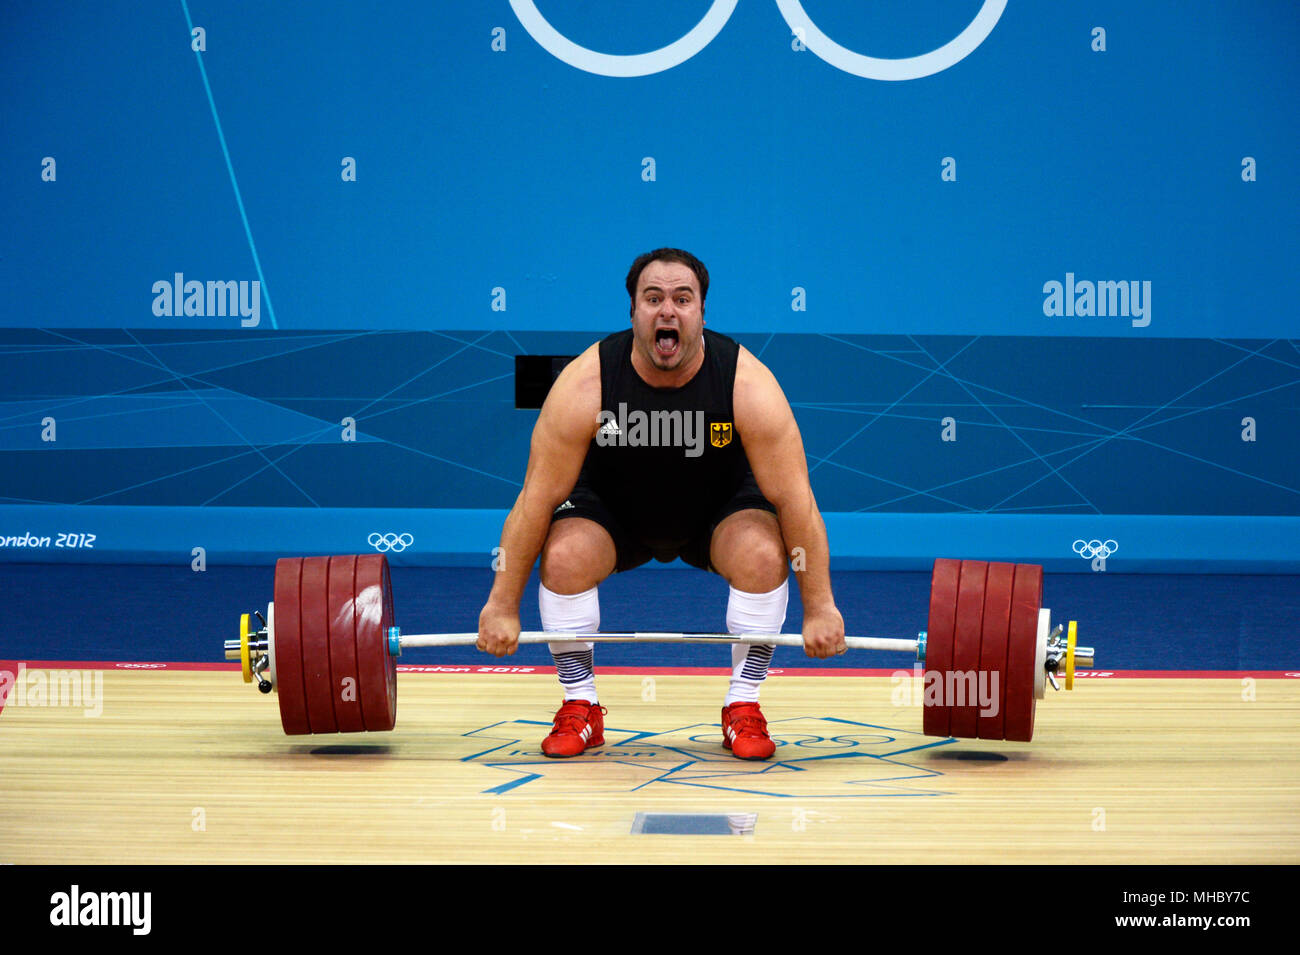 Londres 2012 - Jeux Olympiques: Almir Velagic de l'Allemagne de la tentative d'un ascenseur dans le Men's +105kg Compétition d'haltérophilie. Photo Stock